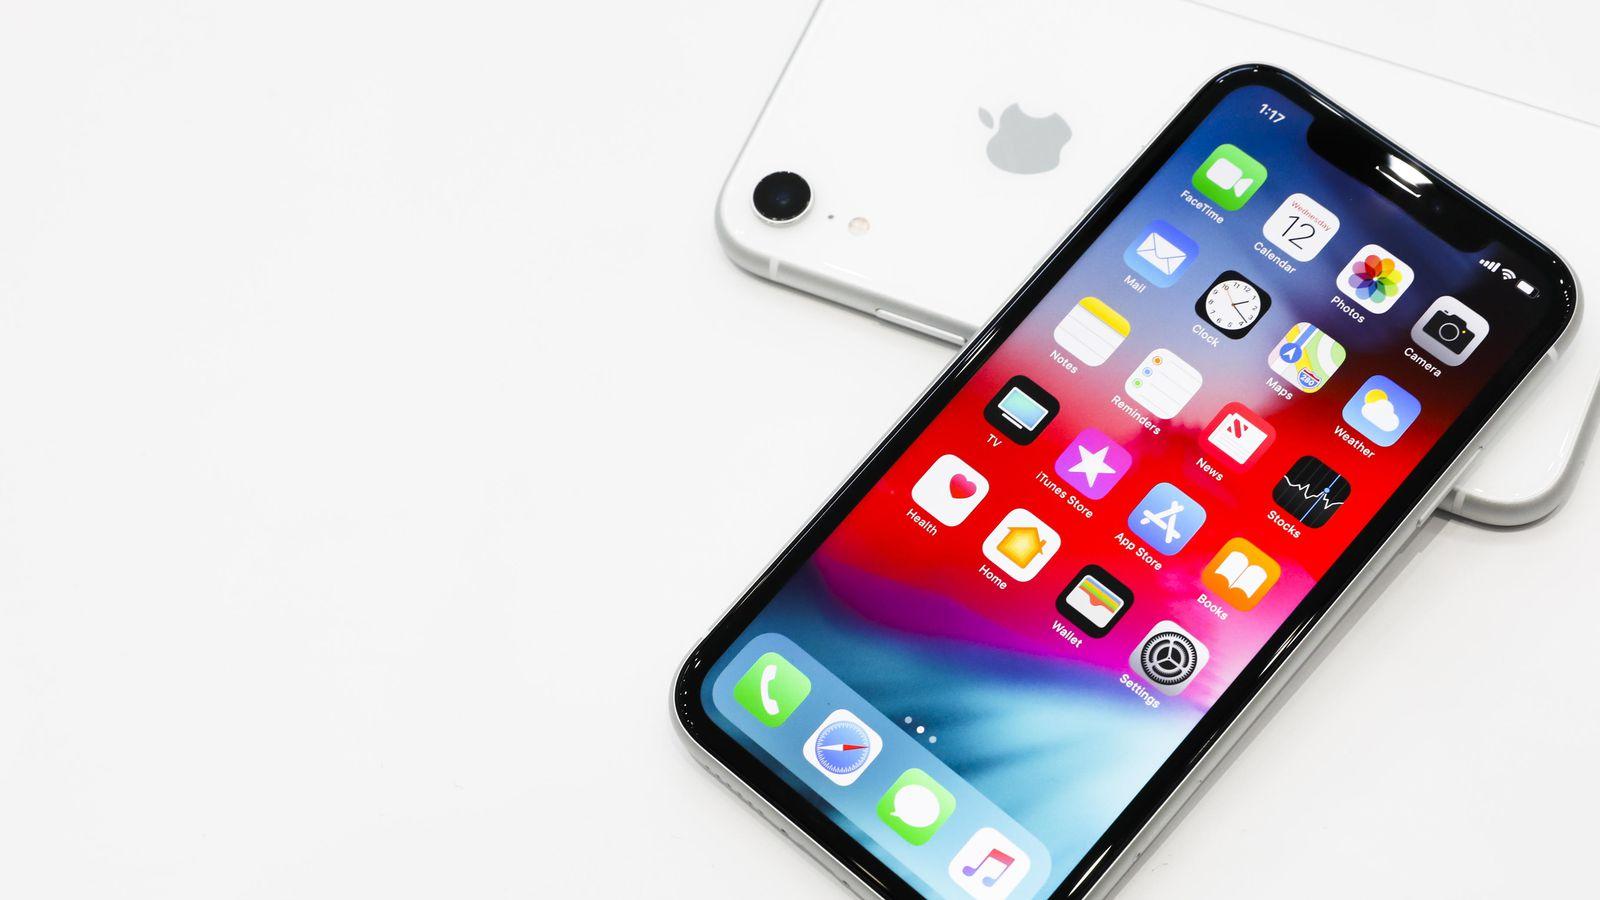 La vendita di iPhone in Cina è diminuita del 22%